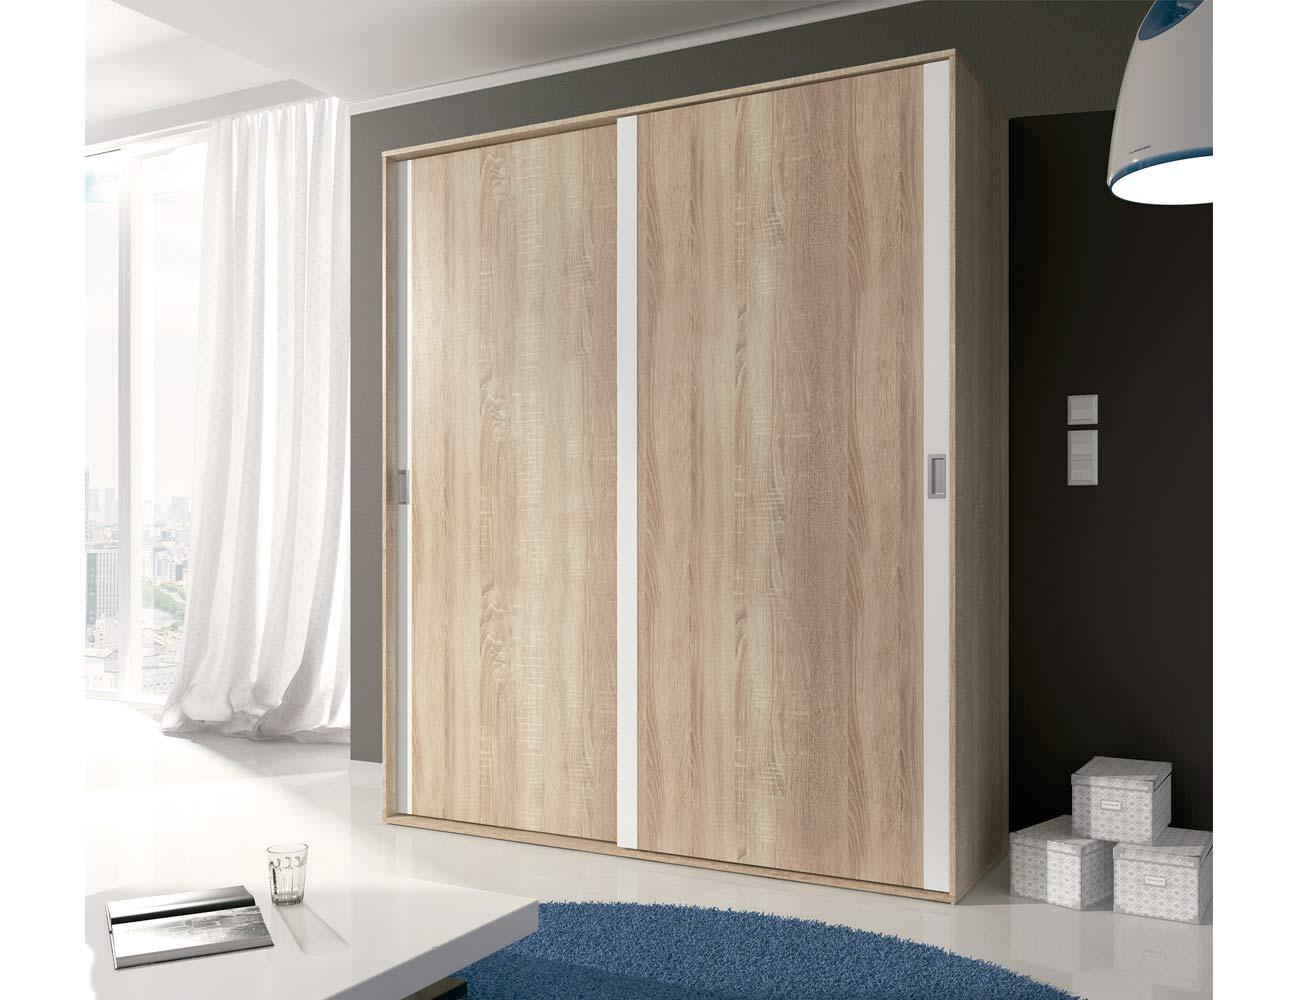 14 armario 2 puertas correderas cambrian blanco3